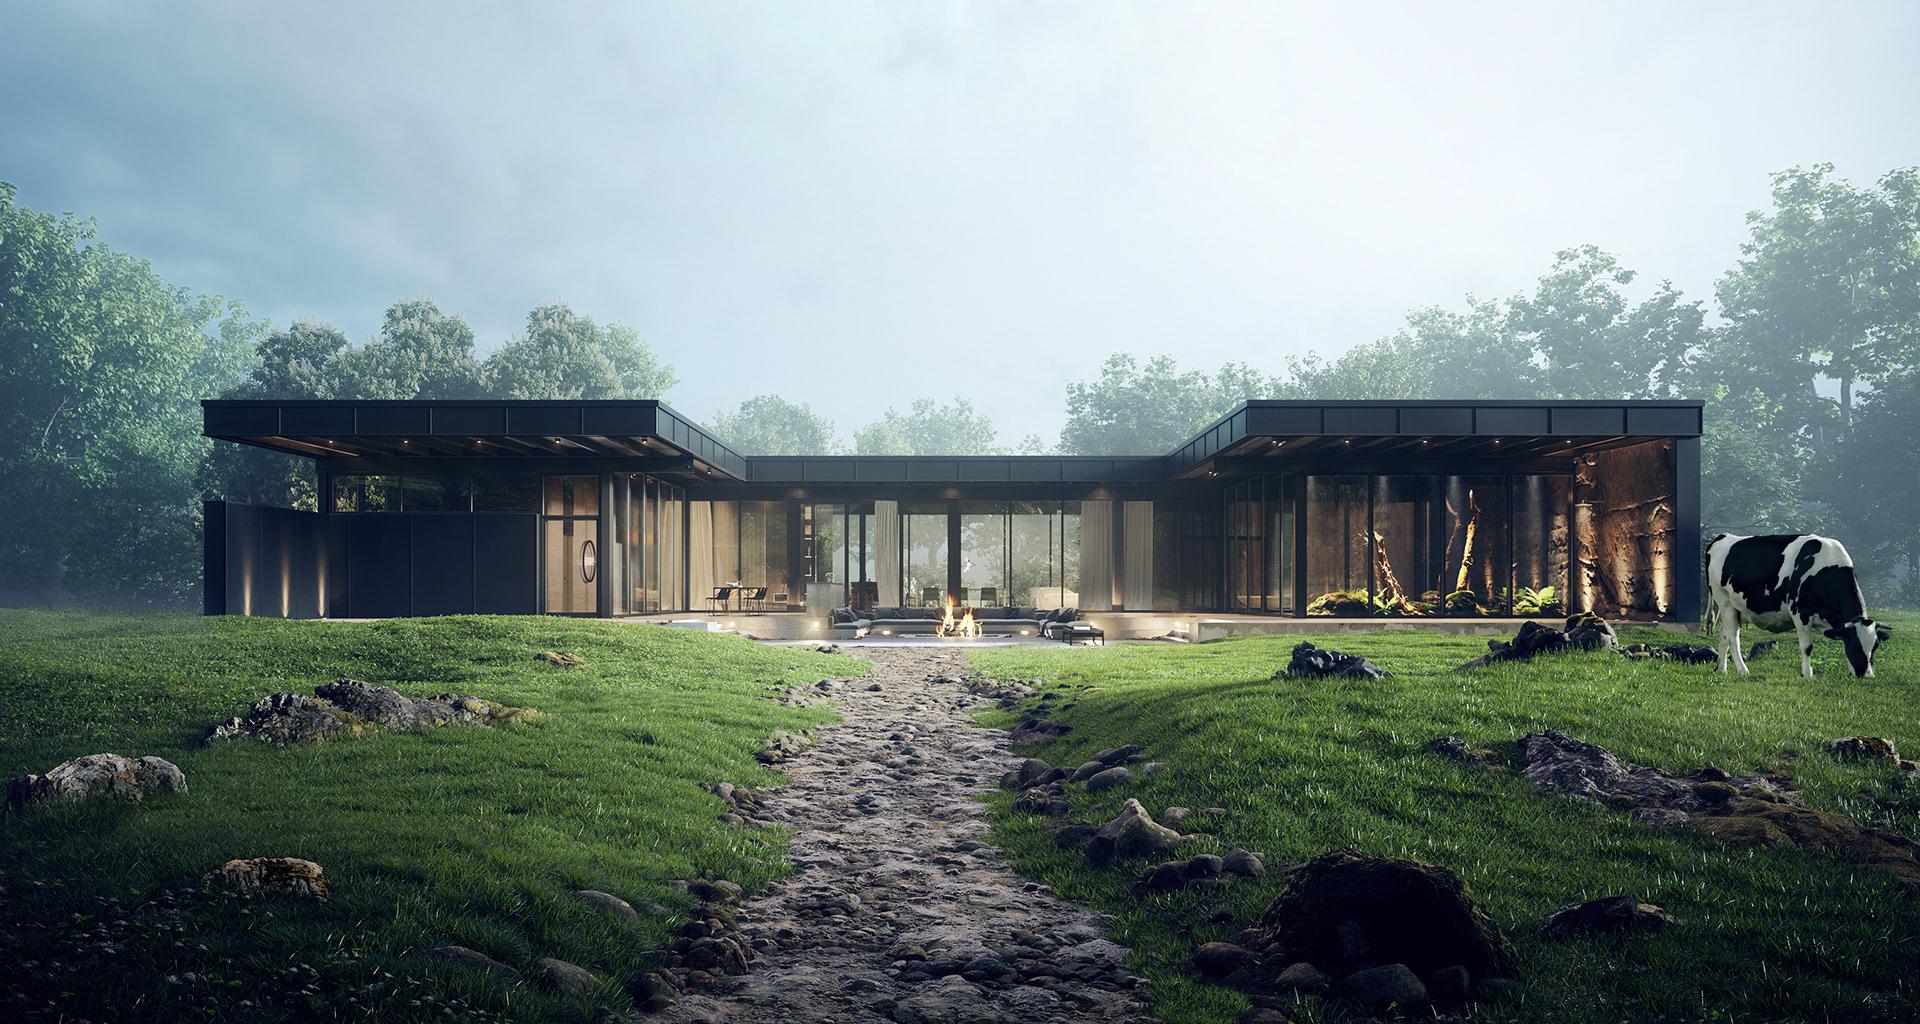 Wizualizacja architektury.